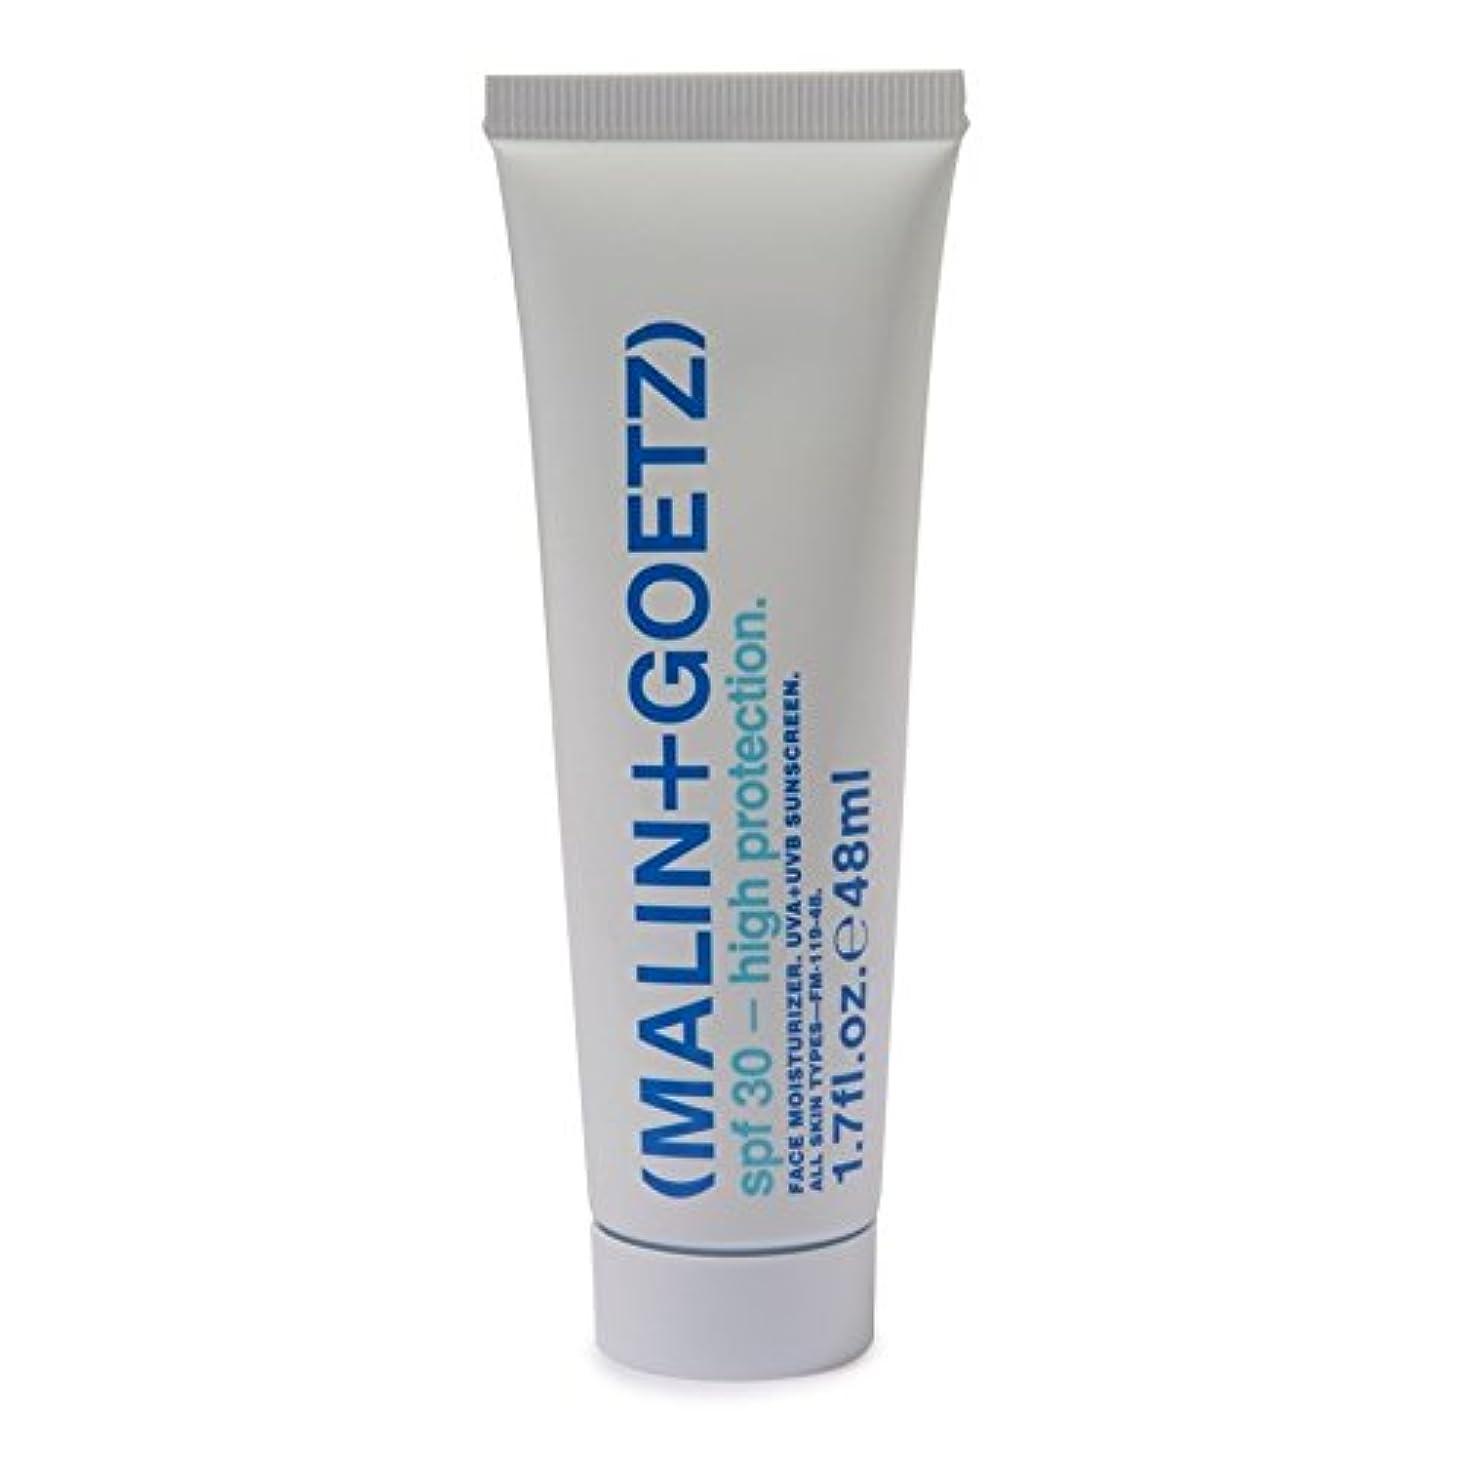 化学退屈させる葡萄マリン+ゲッツ顔の保湿剤の 30 48ミリリットル x4 - MALIN+GOETZ Face Moisturiser SPF 30 48ml (Pack of 4) [並行輸入品]